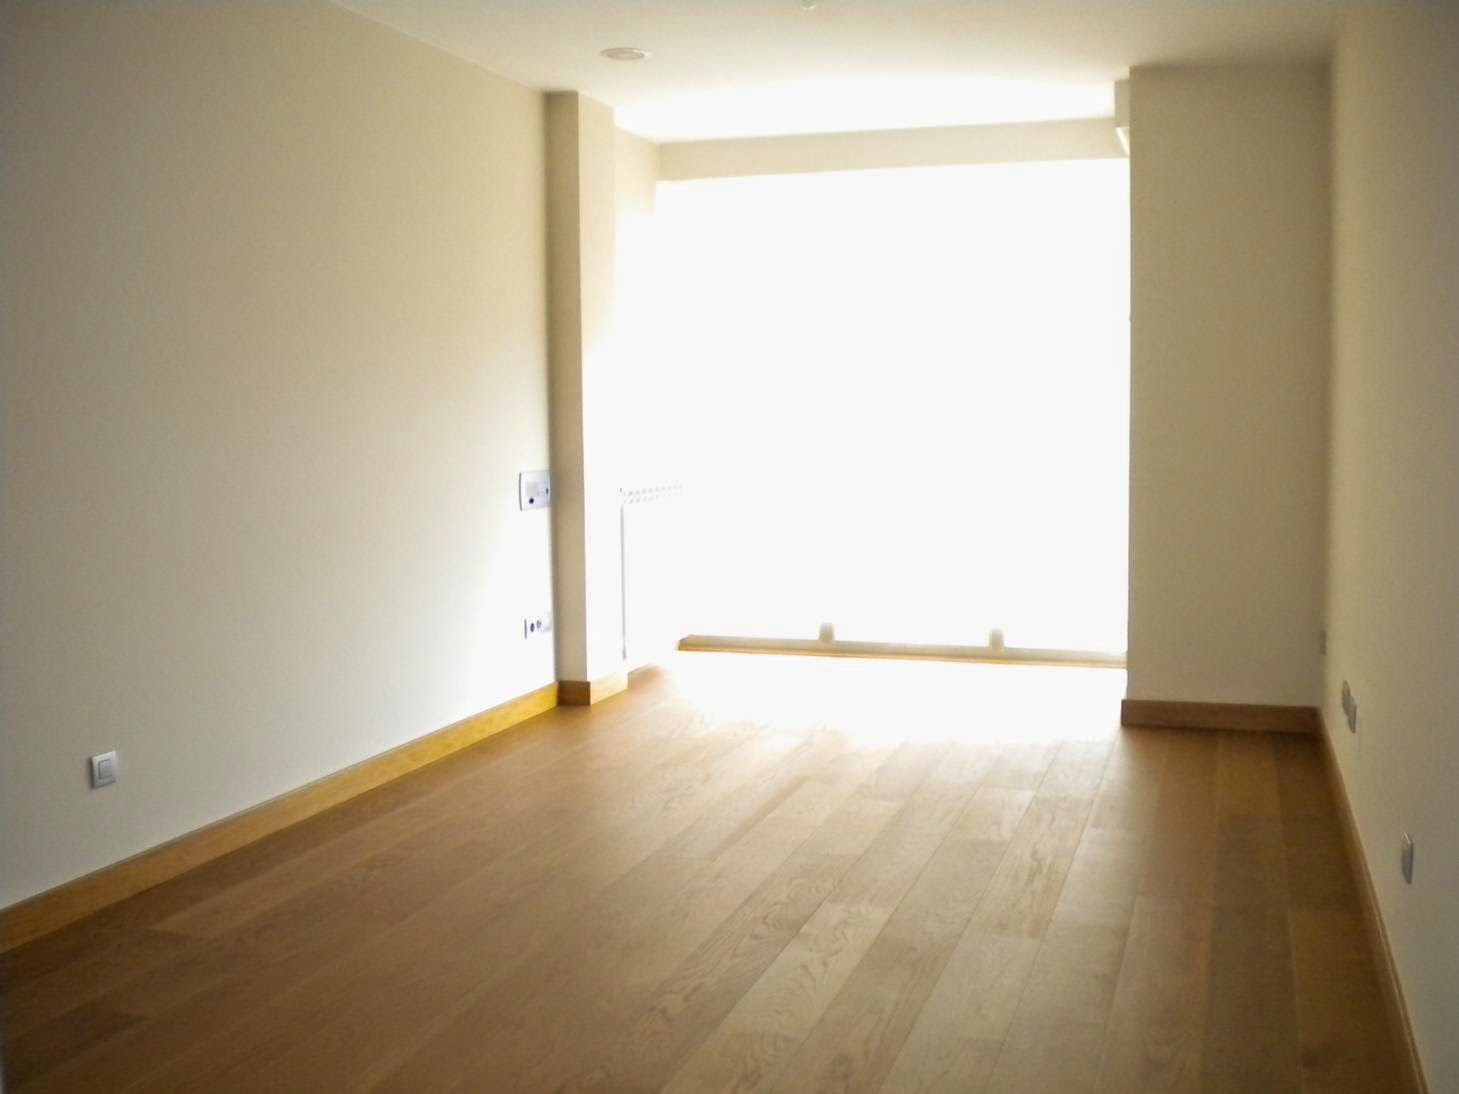 Viviendas coru a viviendas coru a pisos y ticos en - Pisos pau carabanchel obra nueva ...